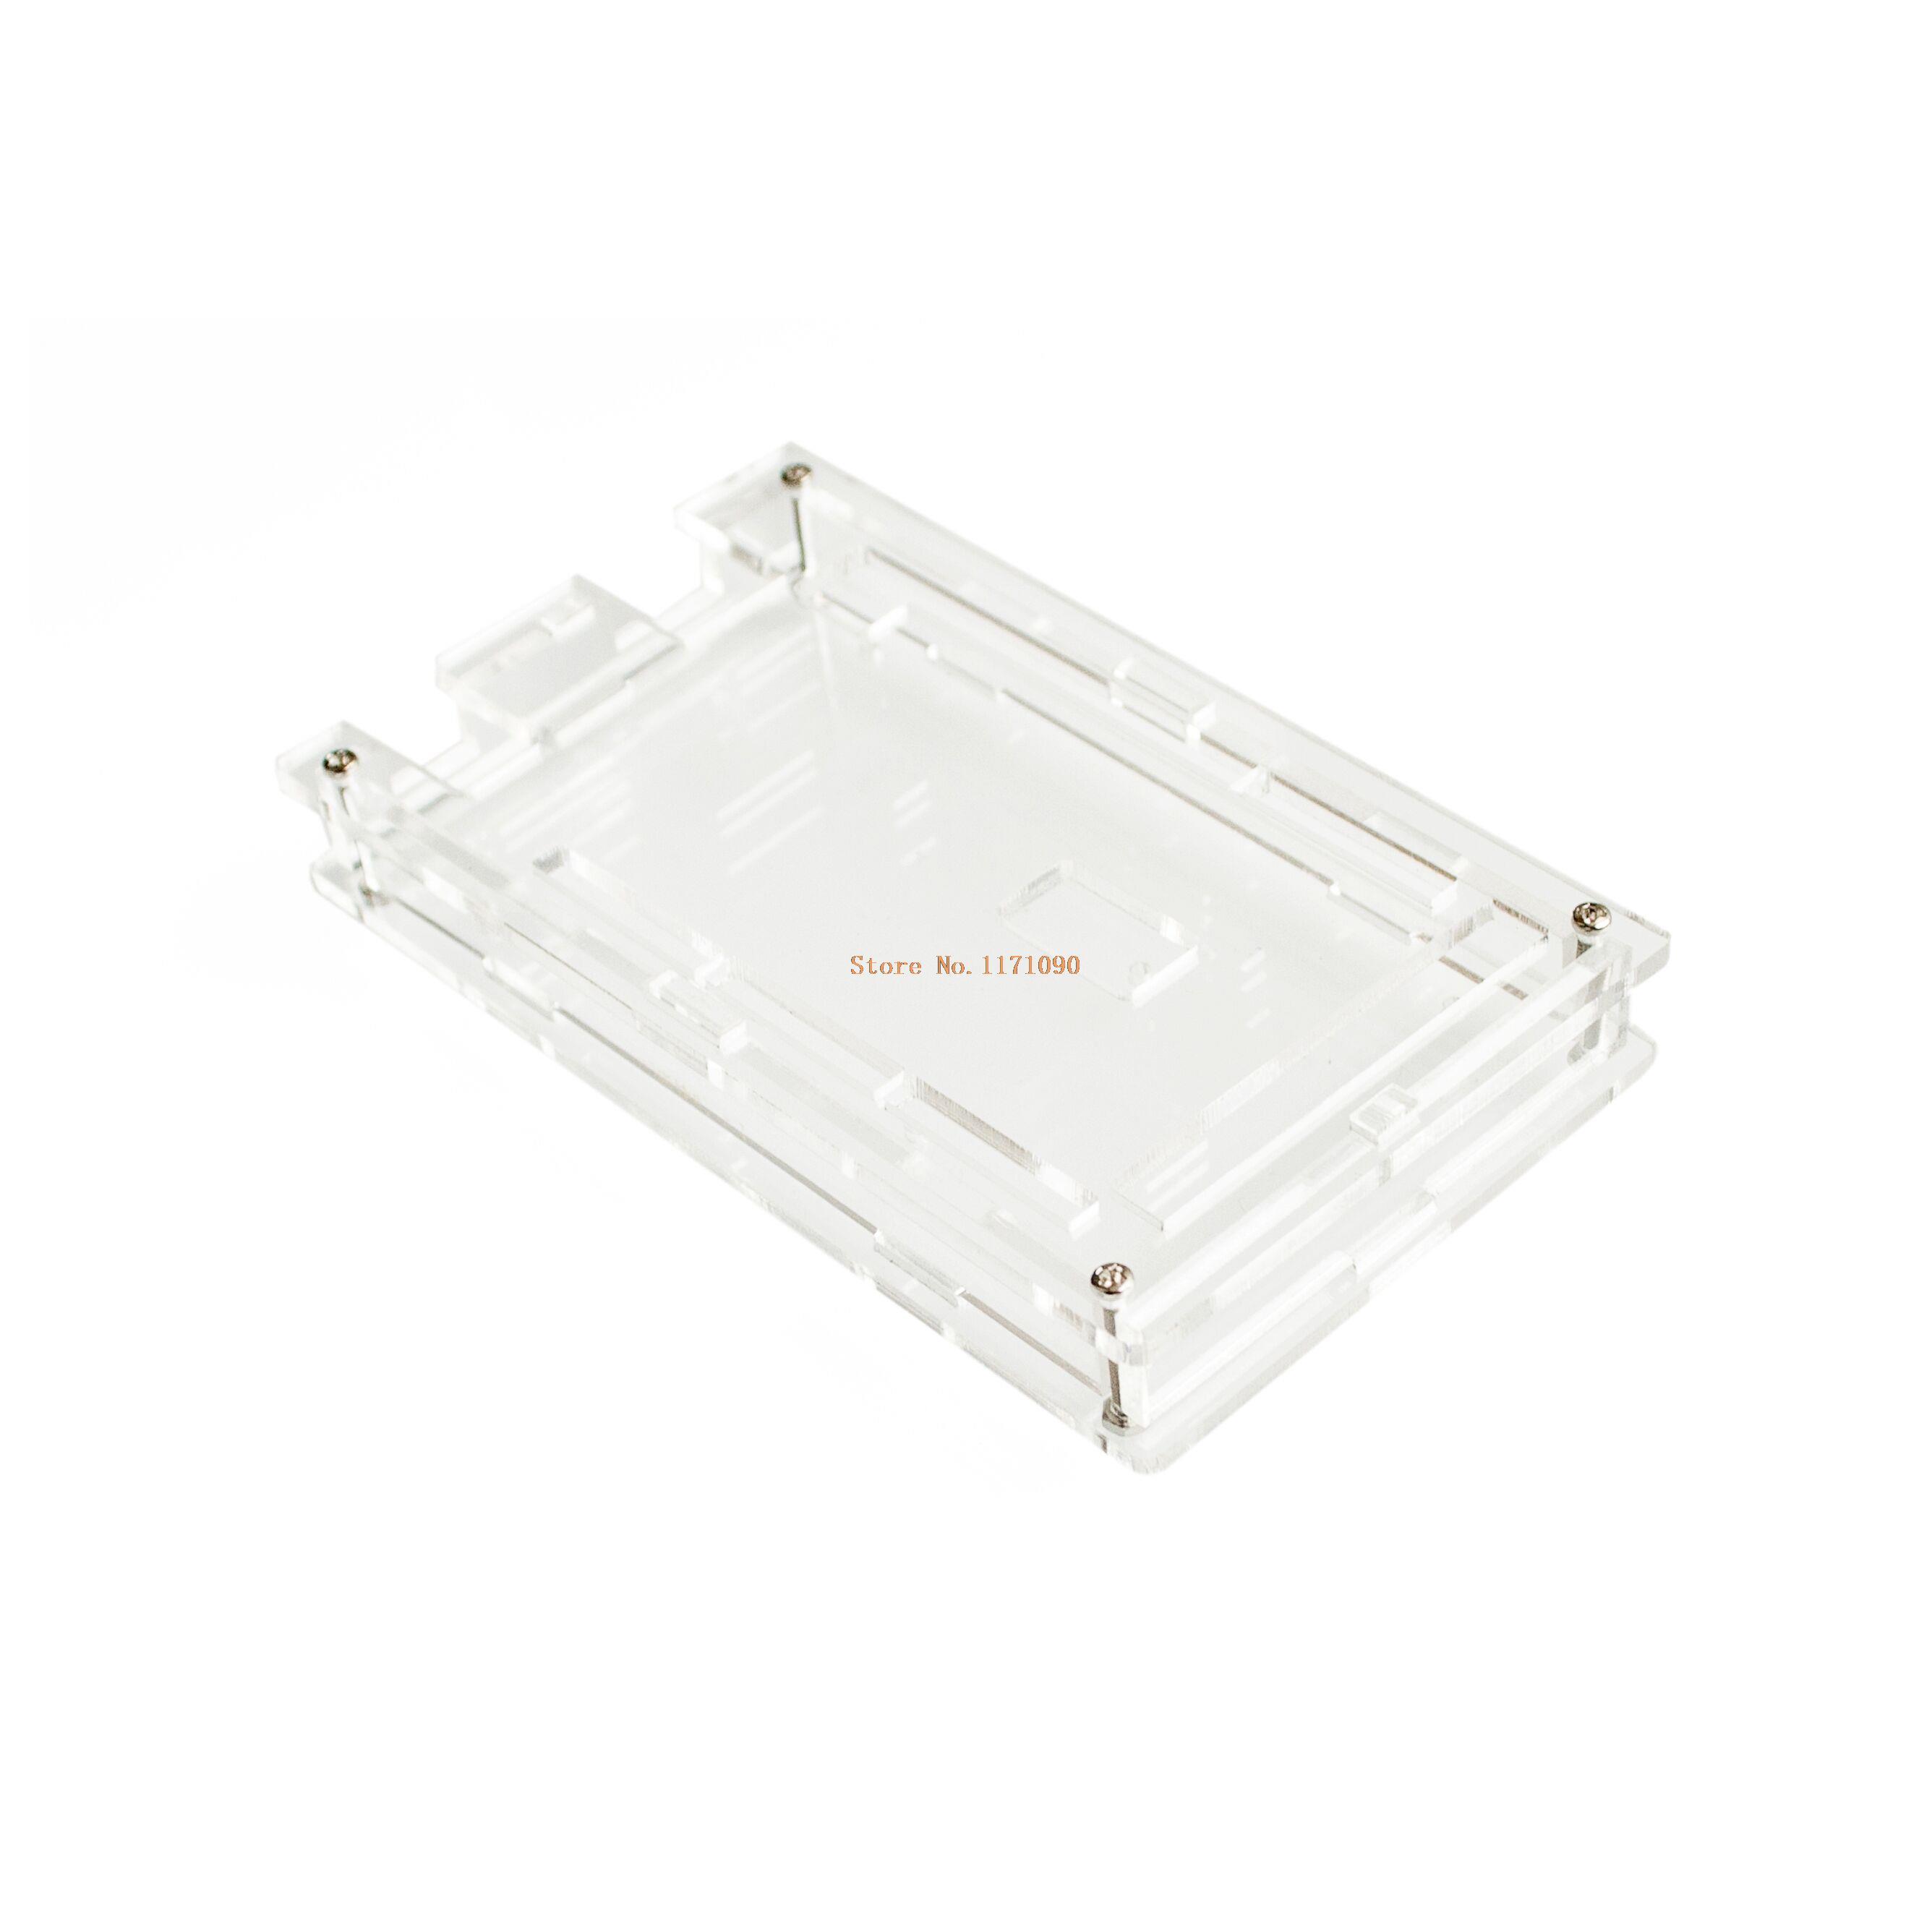 Arduino Mega 2560 R3 Case Acrylic Box